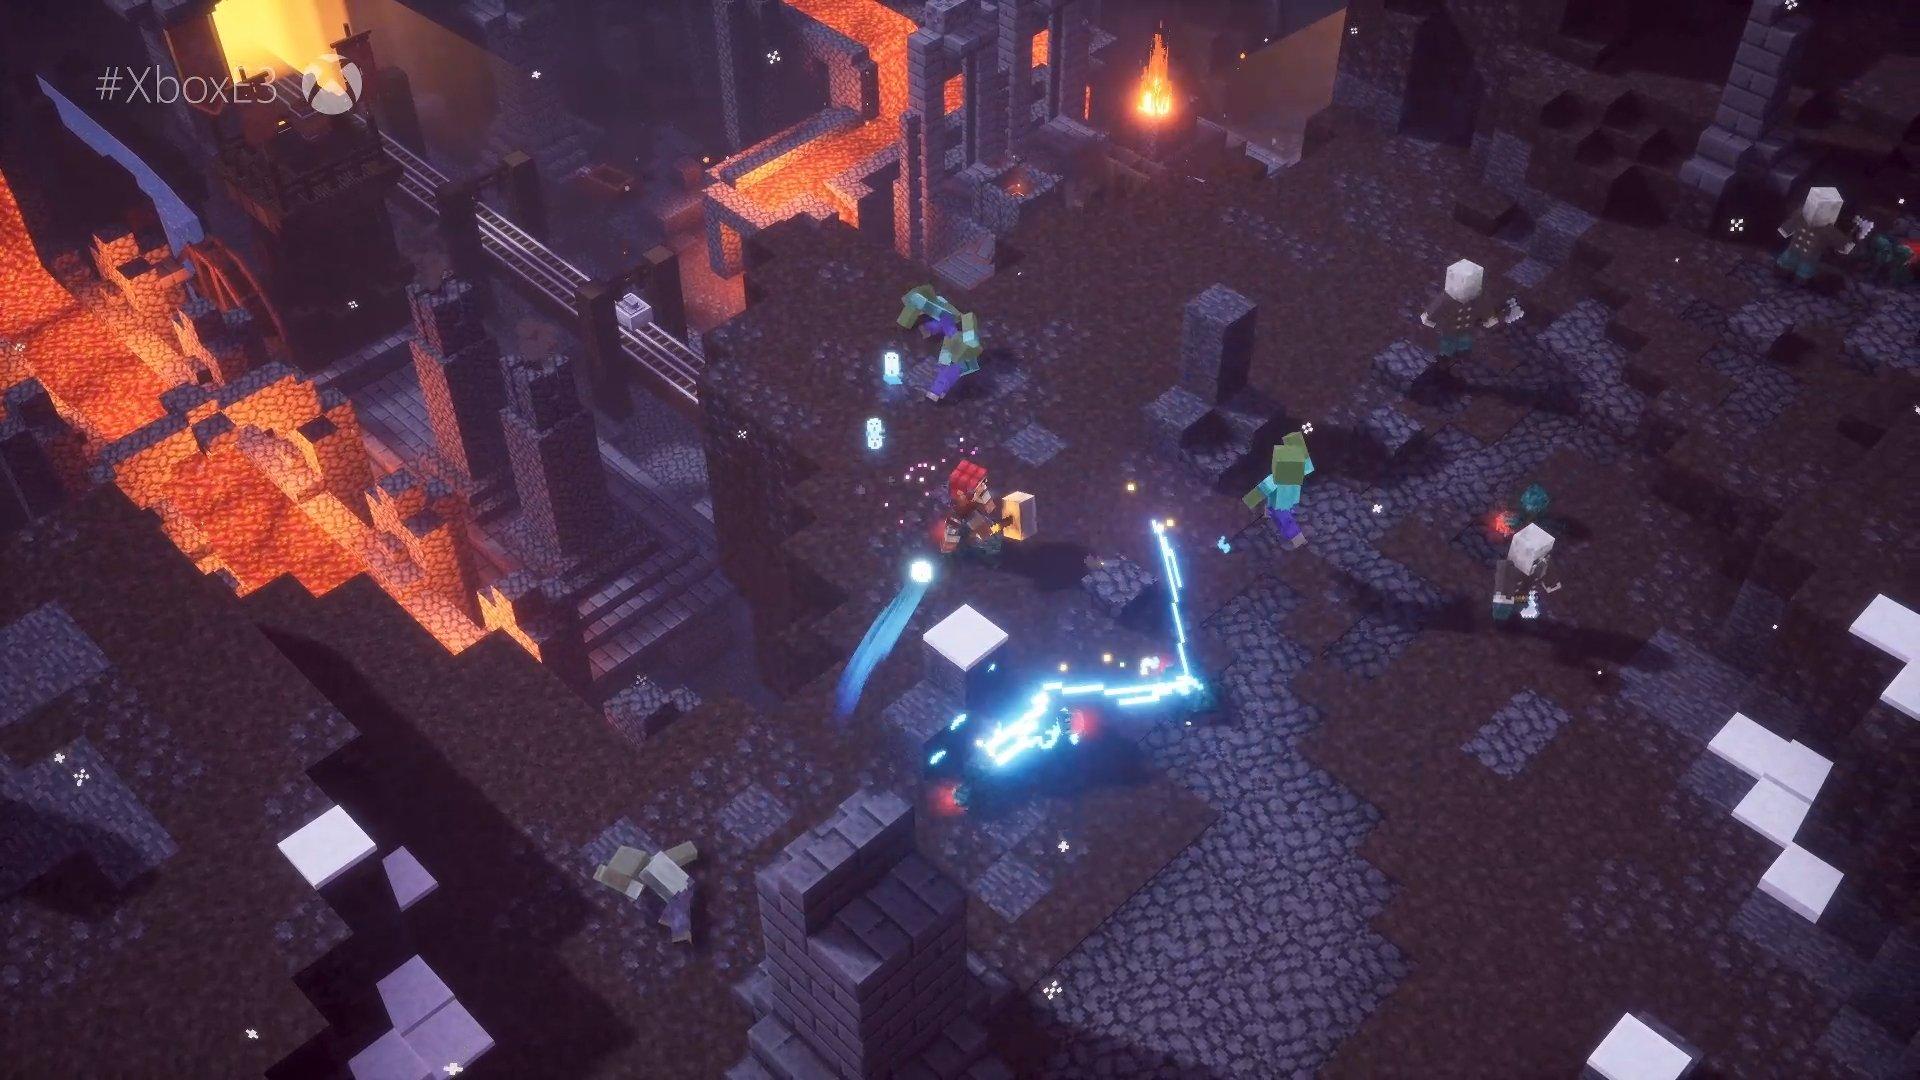 Donjons Minecraft apportant 4 joueurs Diablo-like au printemps 2020